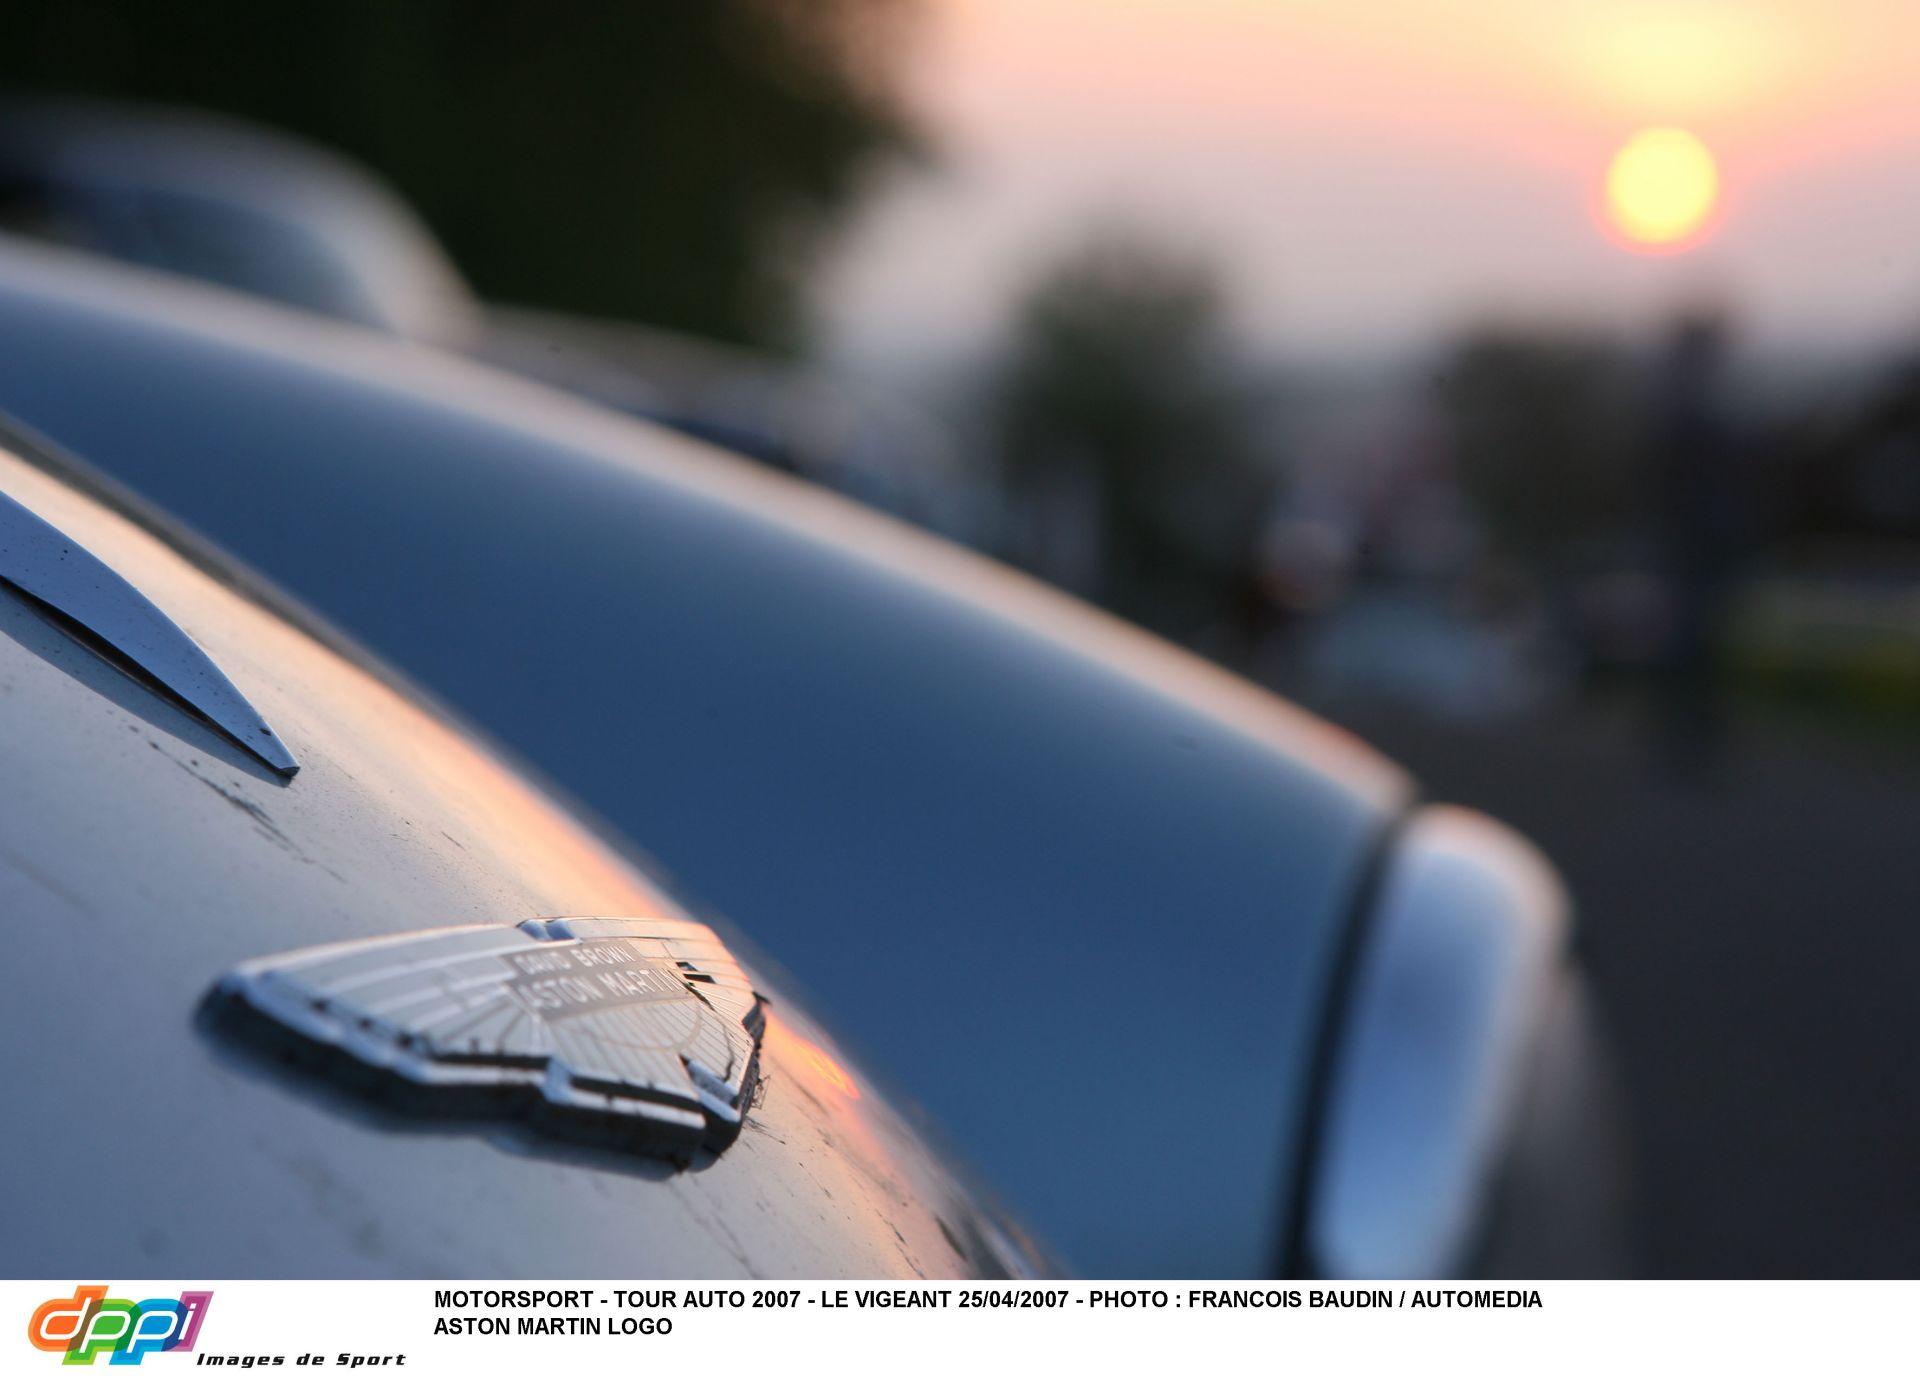 Az Aston Martin V12-es motorjai jól szólnának a Red Bullokban jövőre...